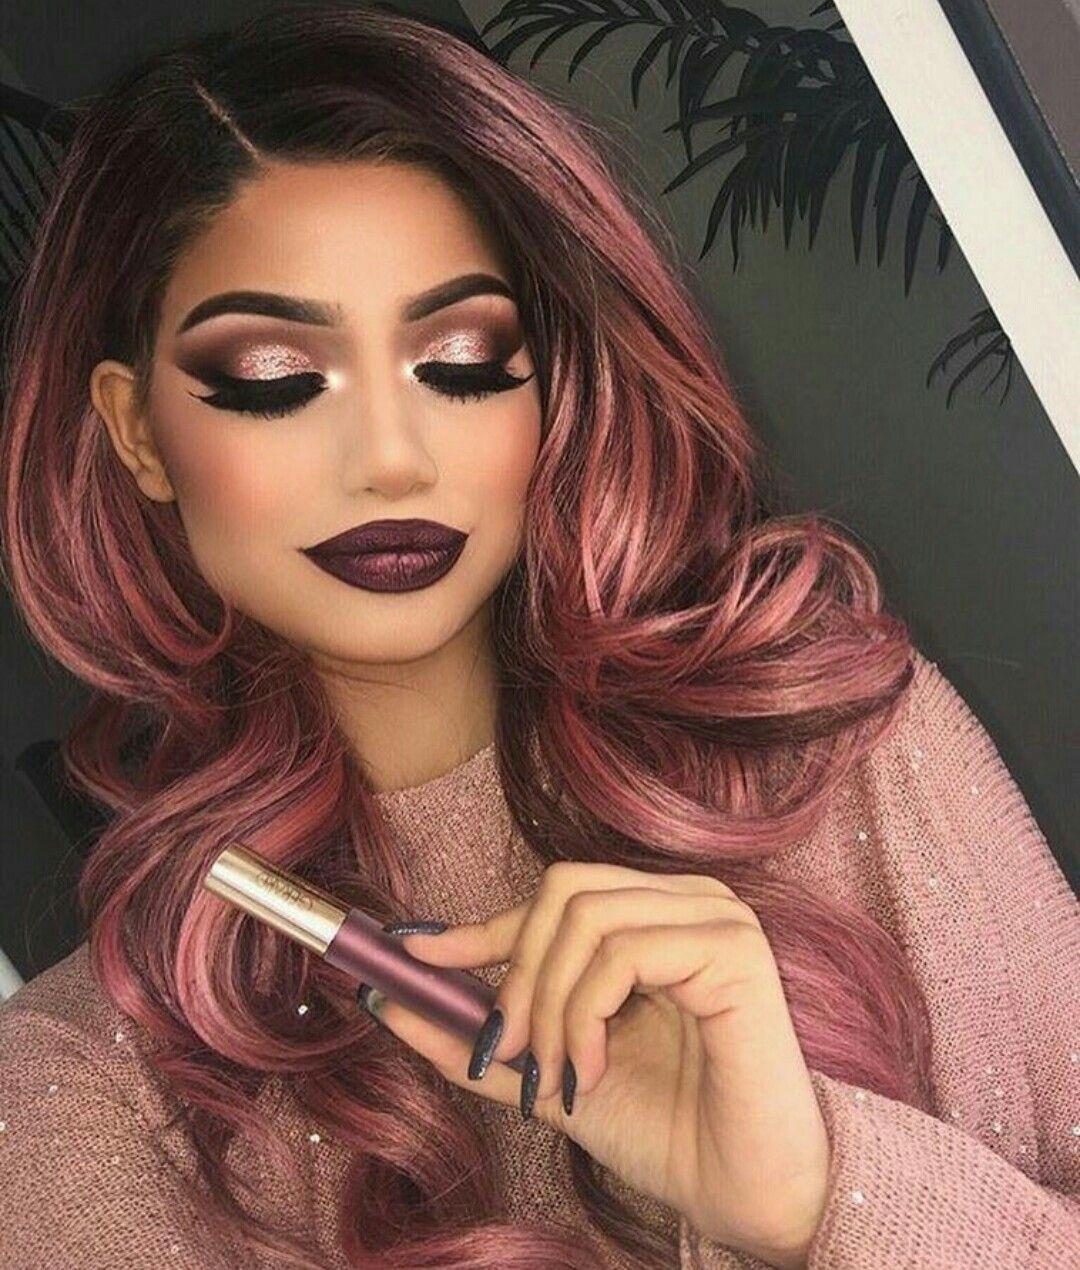 Image by Karen Paiz on Makeup Hair makeup